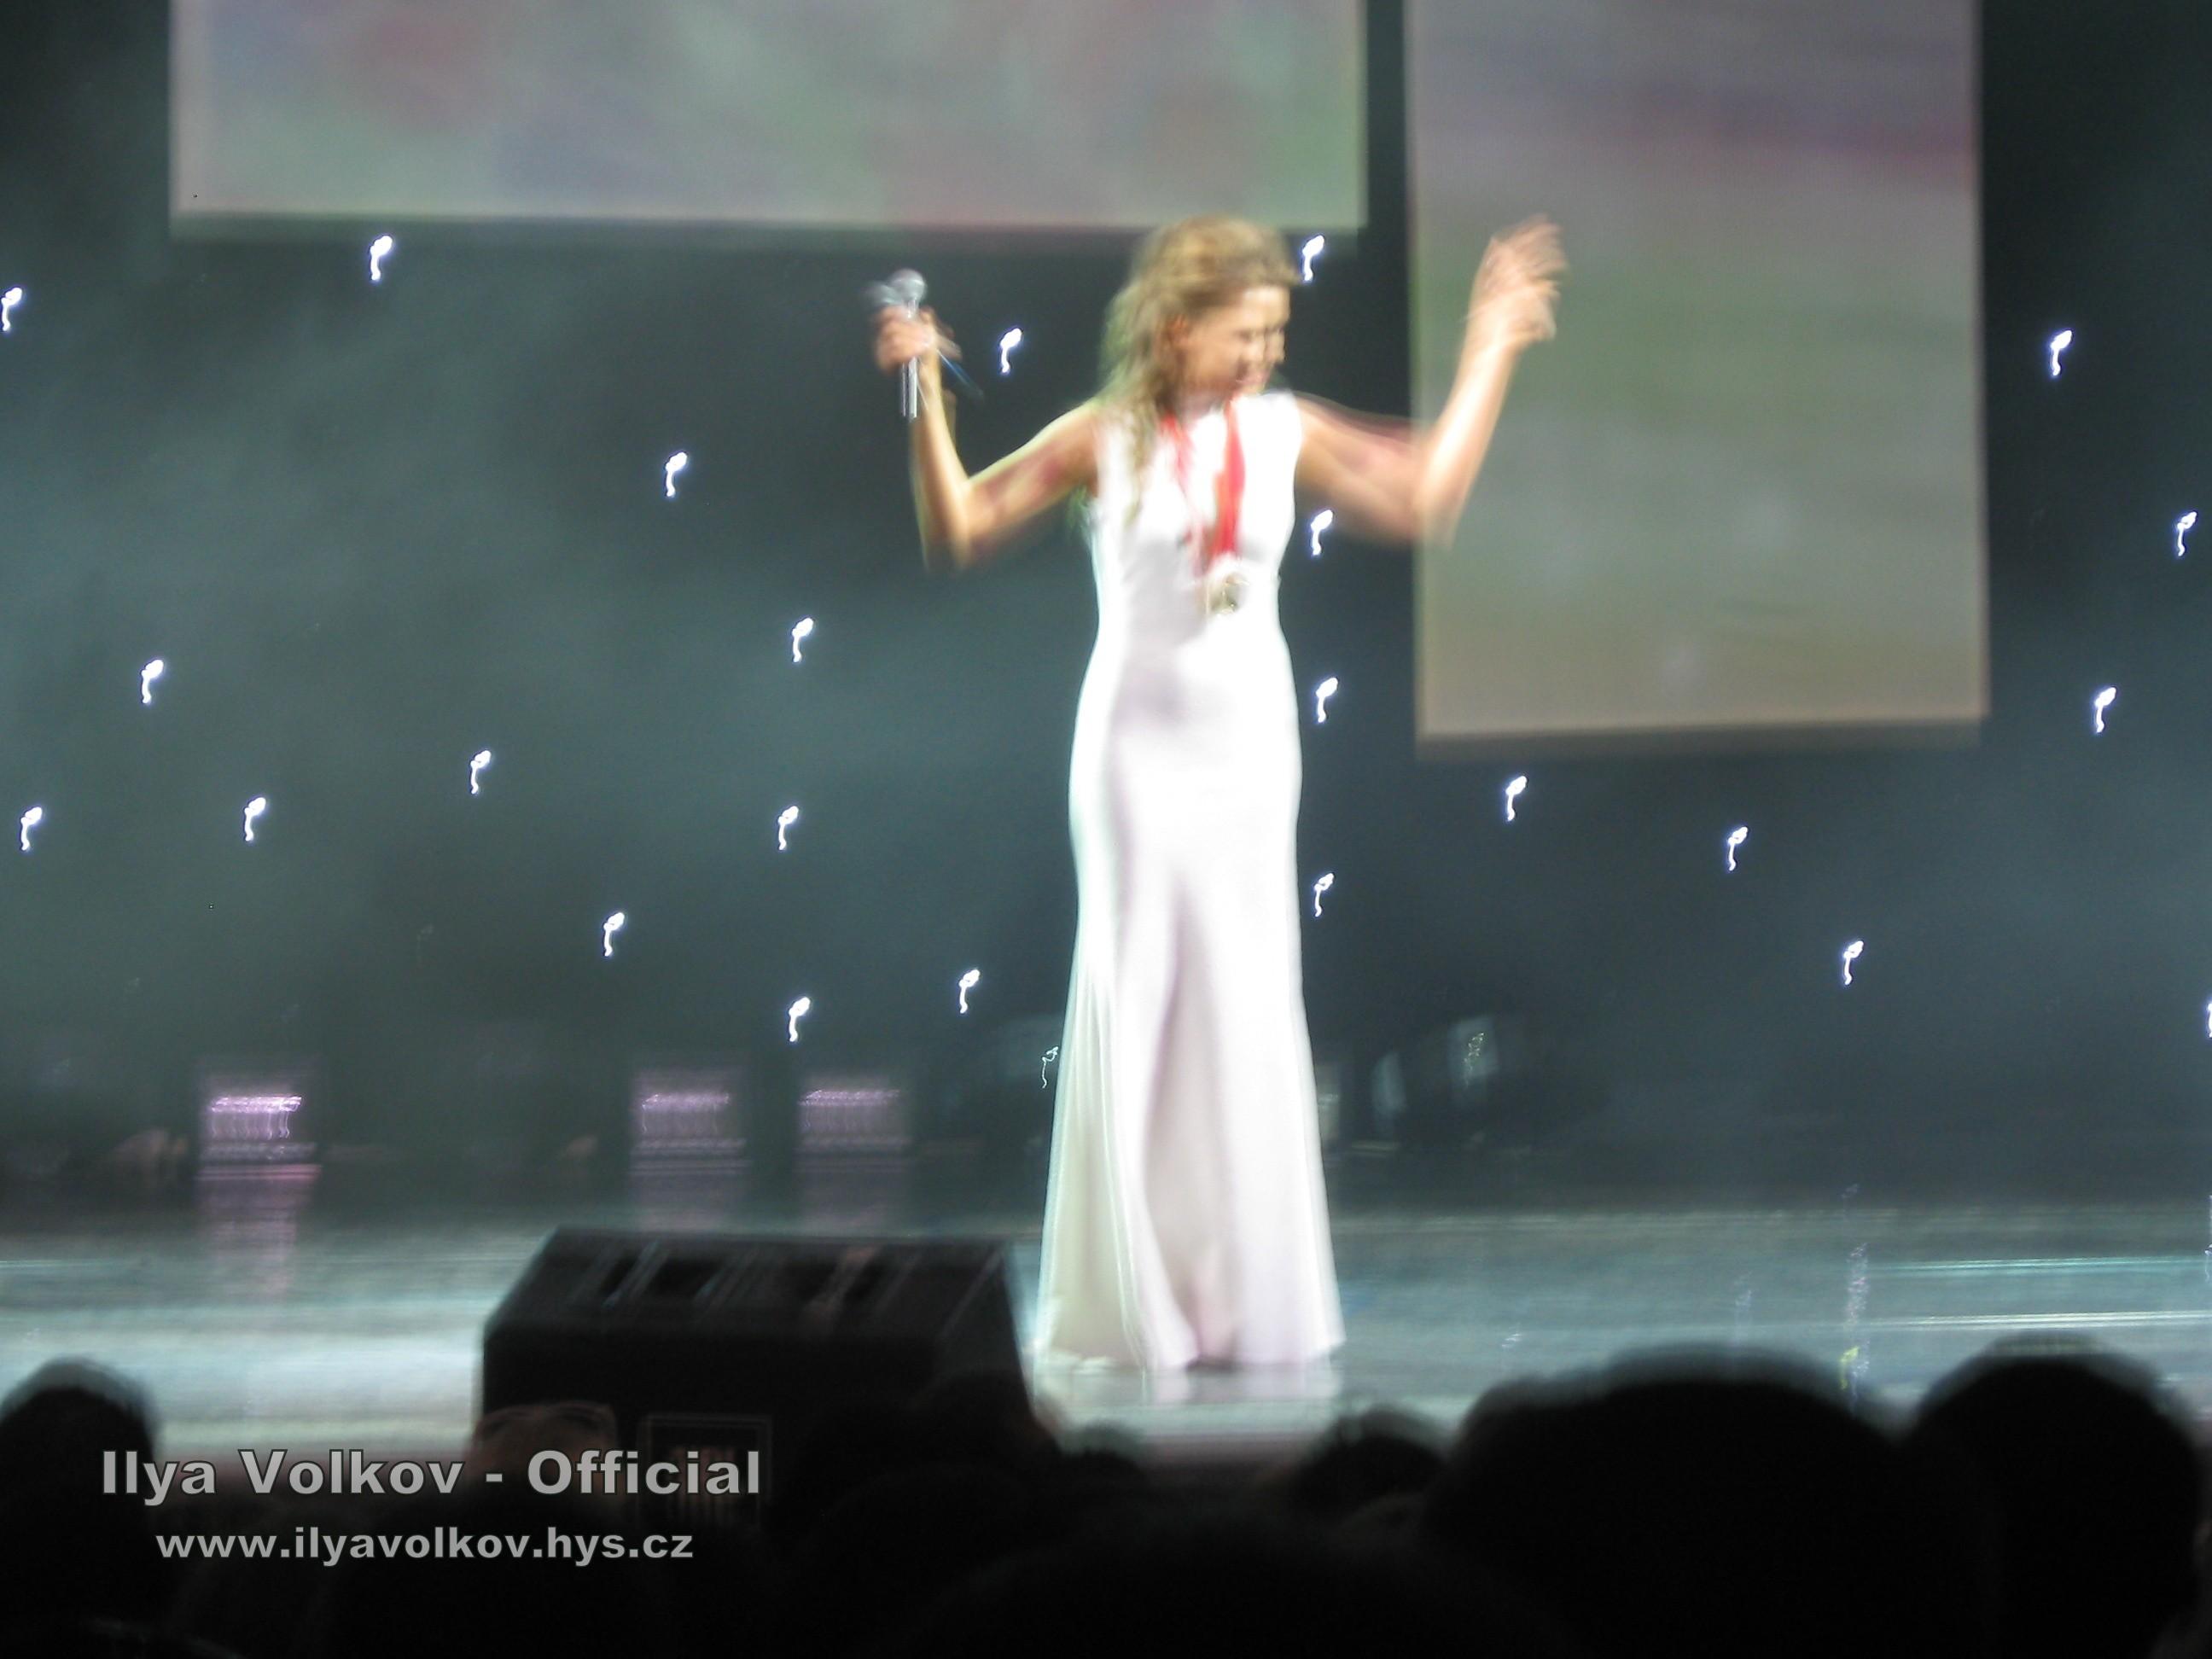 Ilya Volkov - Concert with JANET 2014  (1)